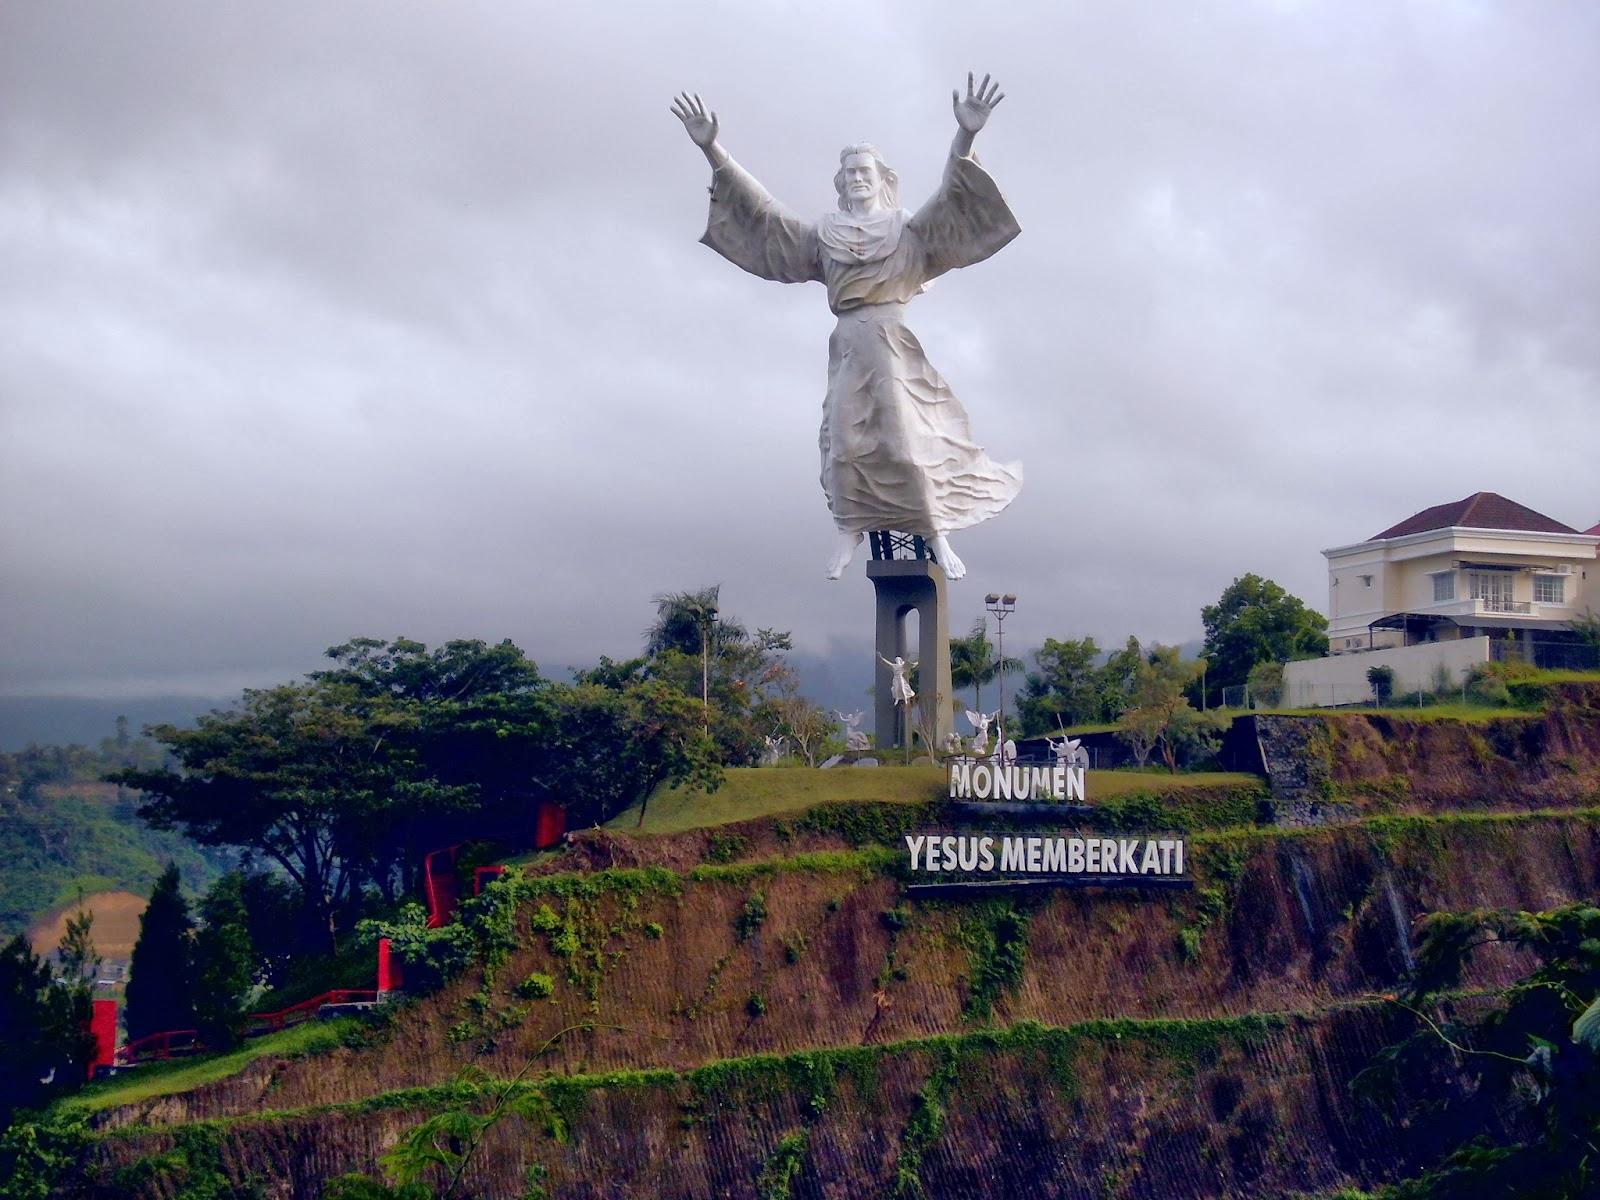 Life Blue Manado Part Monumen Yesus Memberkati Bawah Patung Terdapat